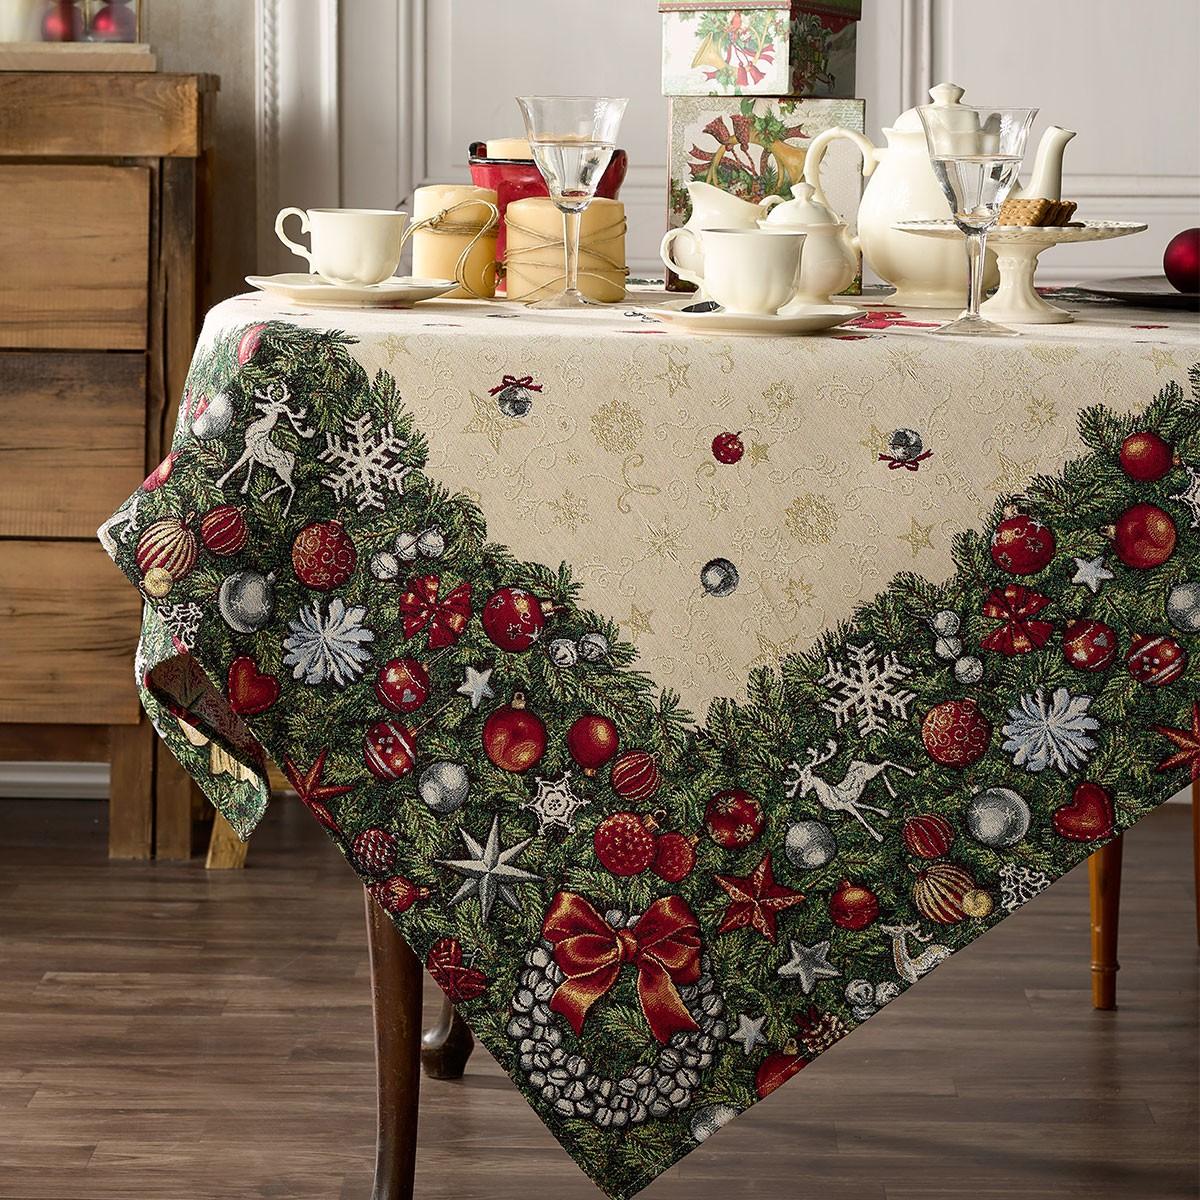 Χριστουγεννιάτικο Τραπεζομάντηλο (135x135) Gofis Home 209